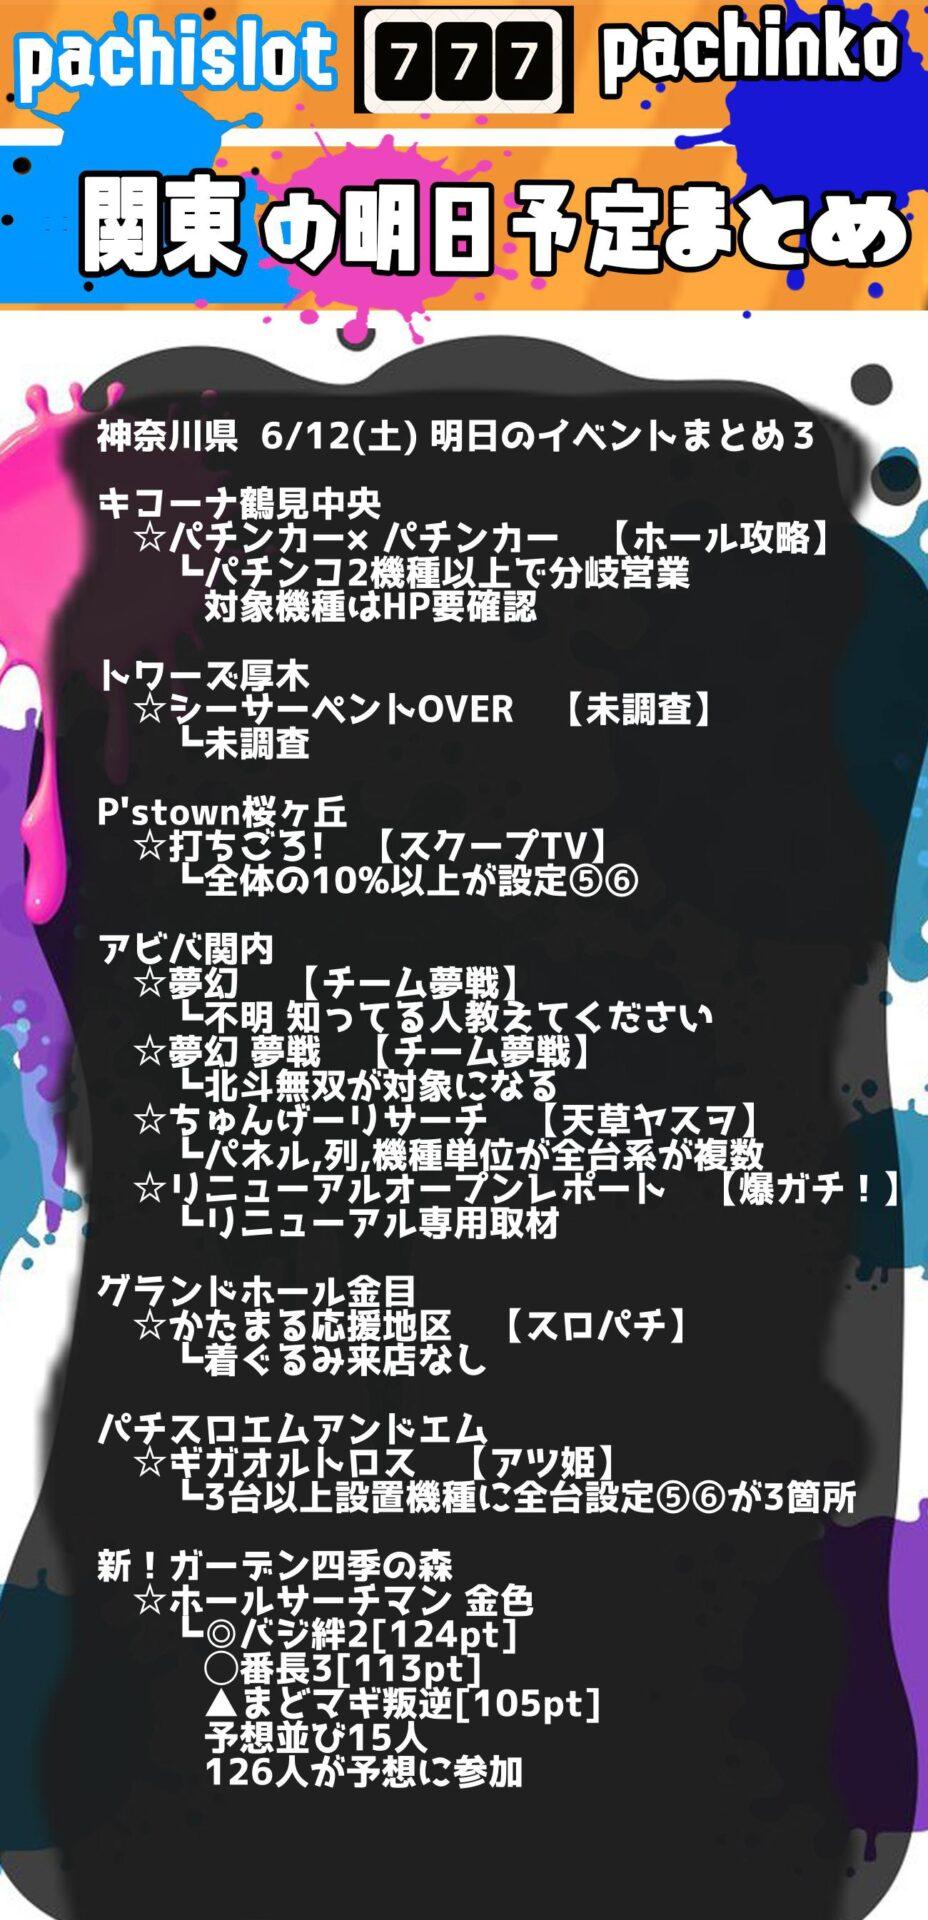 神奈川県_2021-06-12_パチンコ・パチスロ_イベント